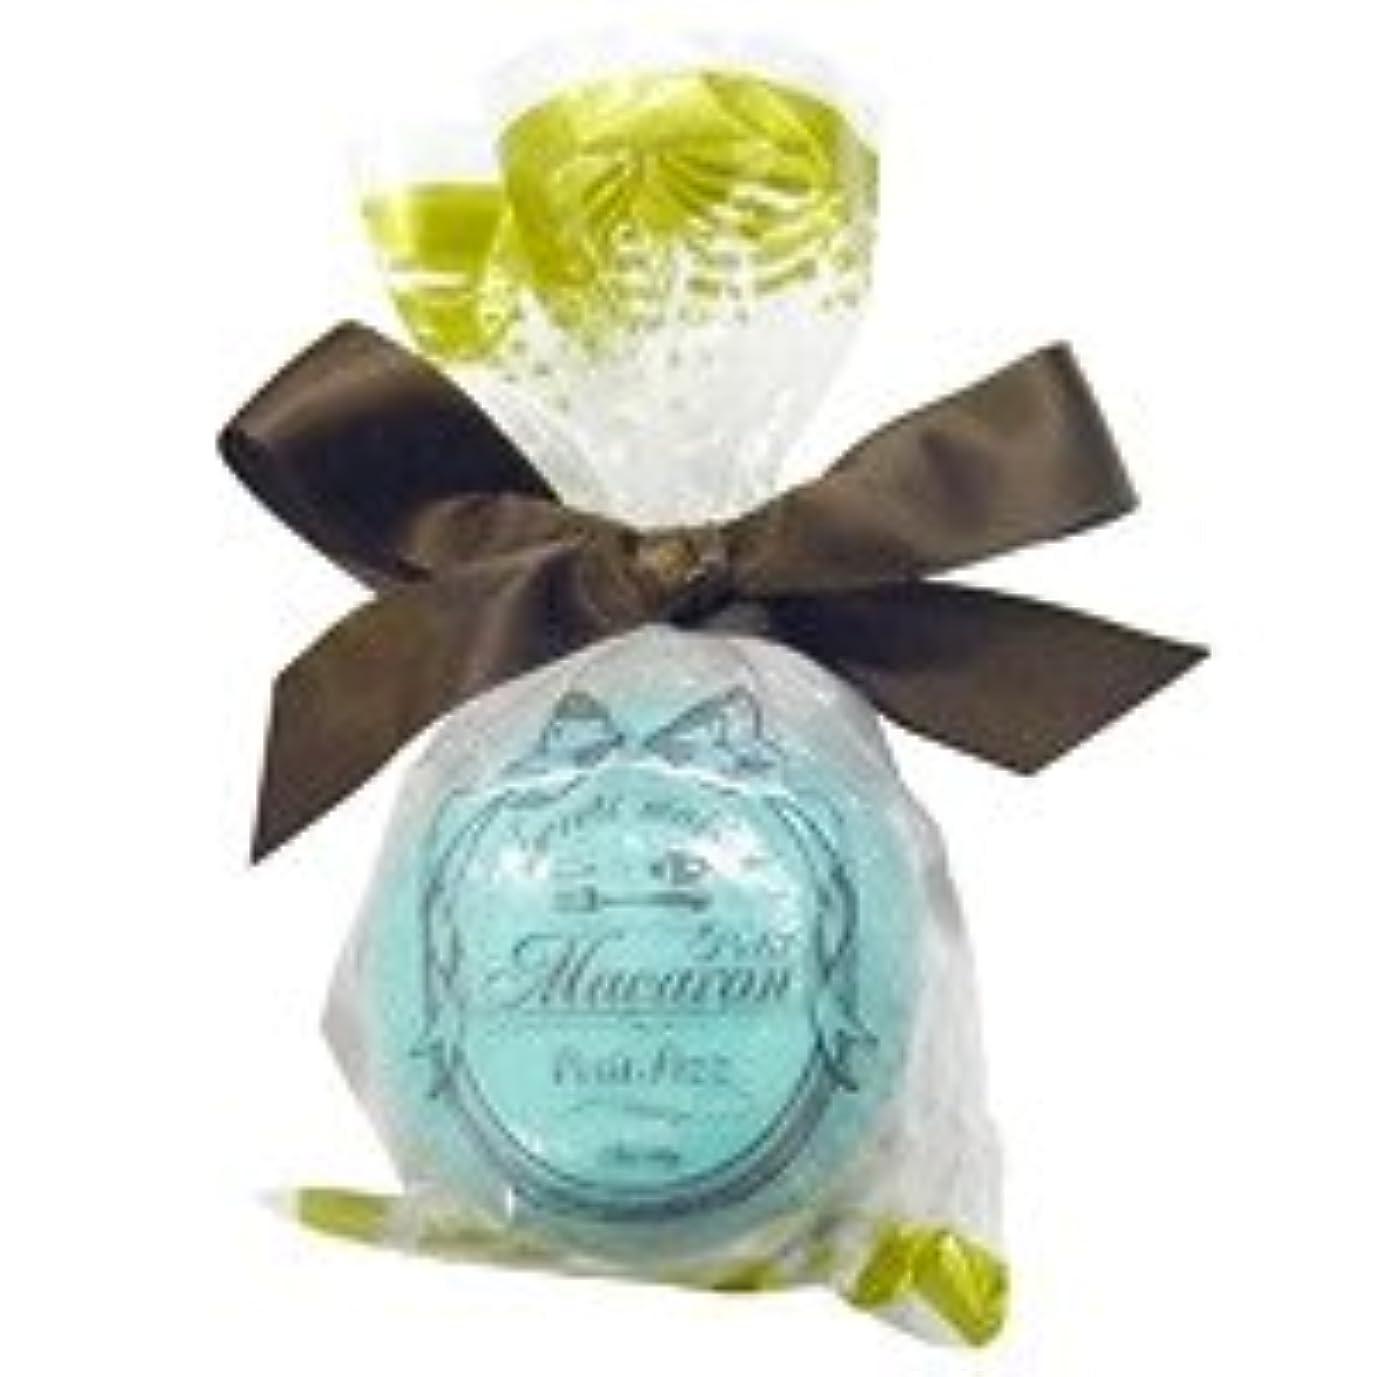 苦味燃料多年生スウィーツメゾン プチマカロンフィズ「ターコイズ」12個セット 香り豊かなグリーンティの香り